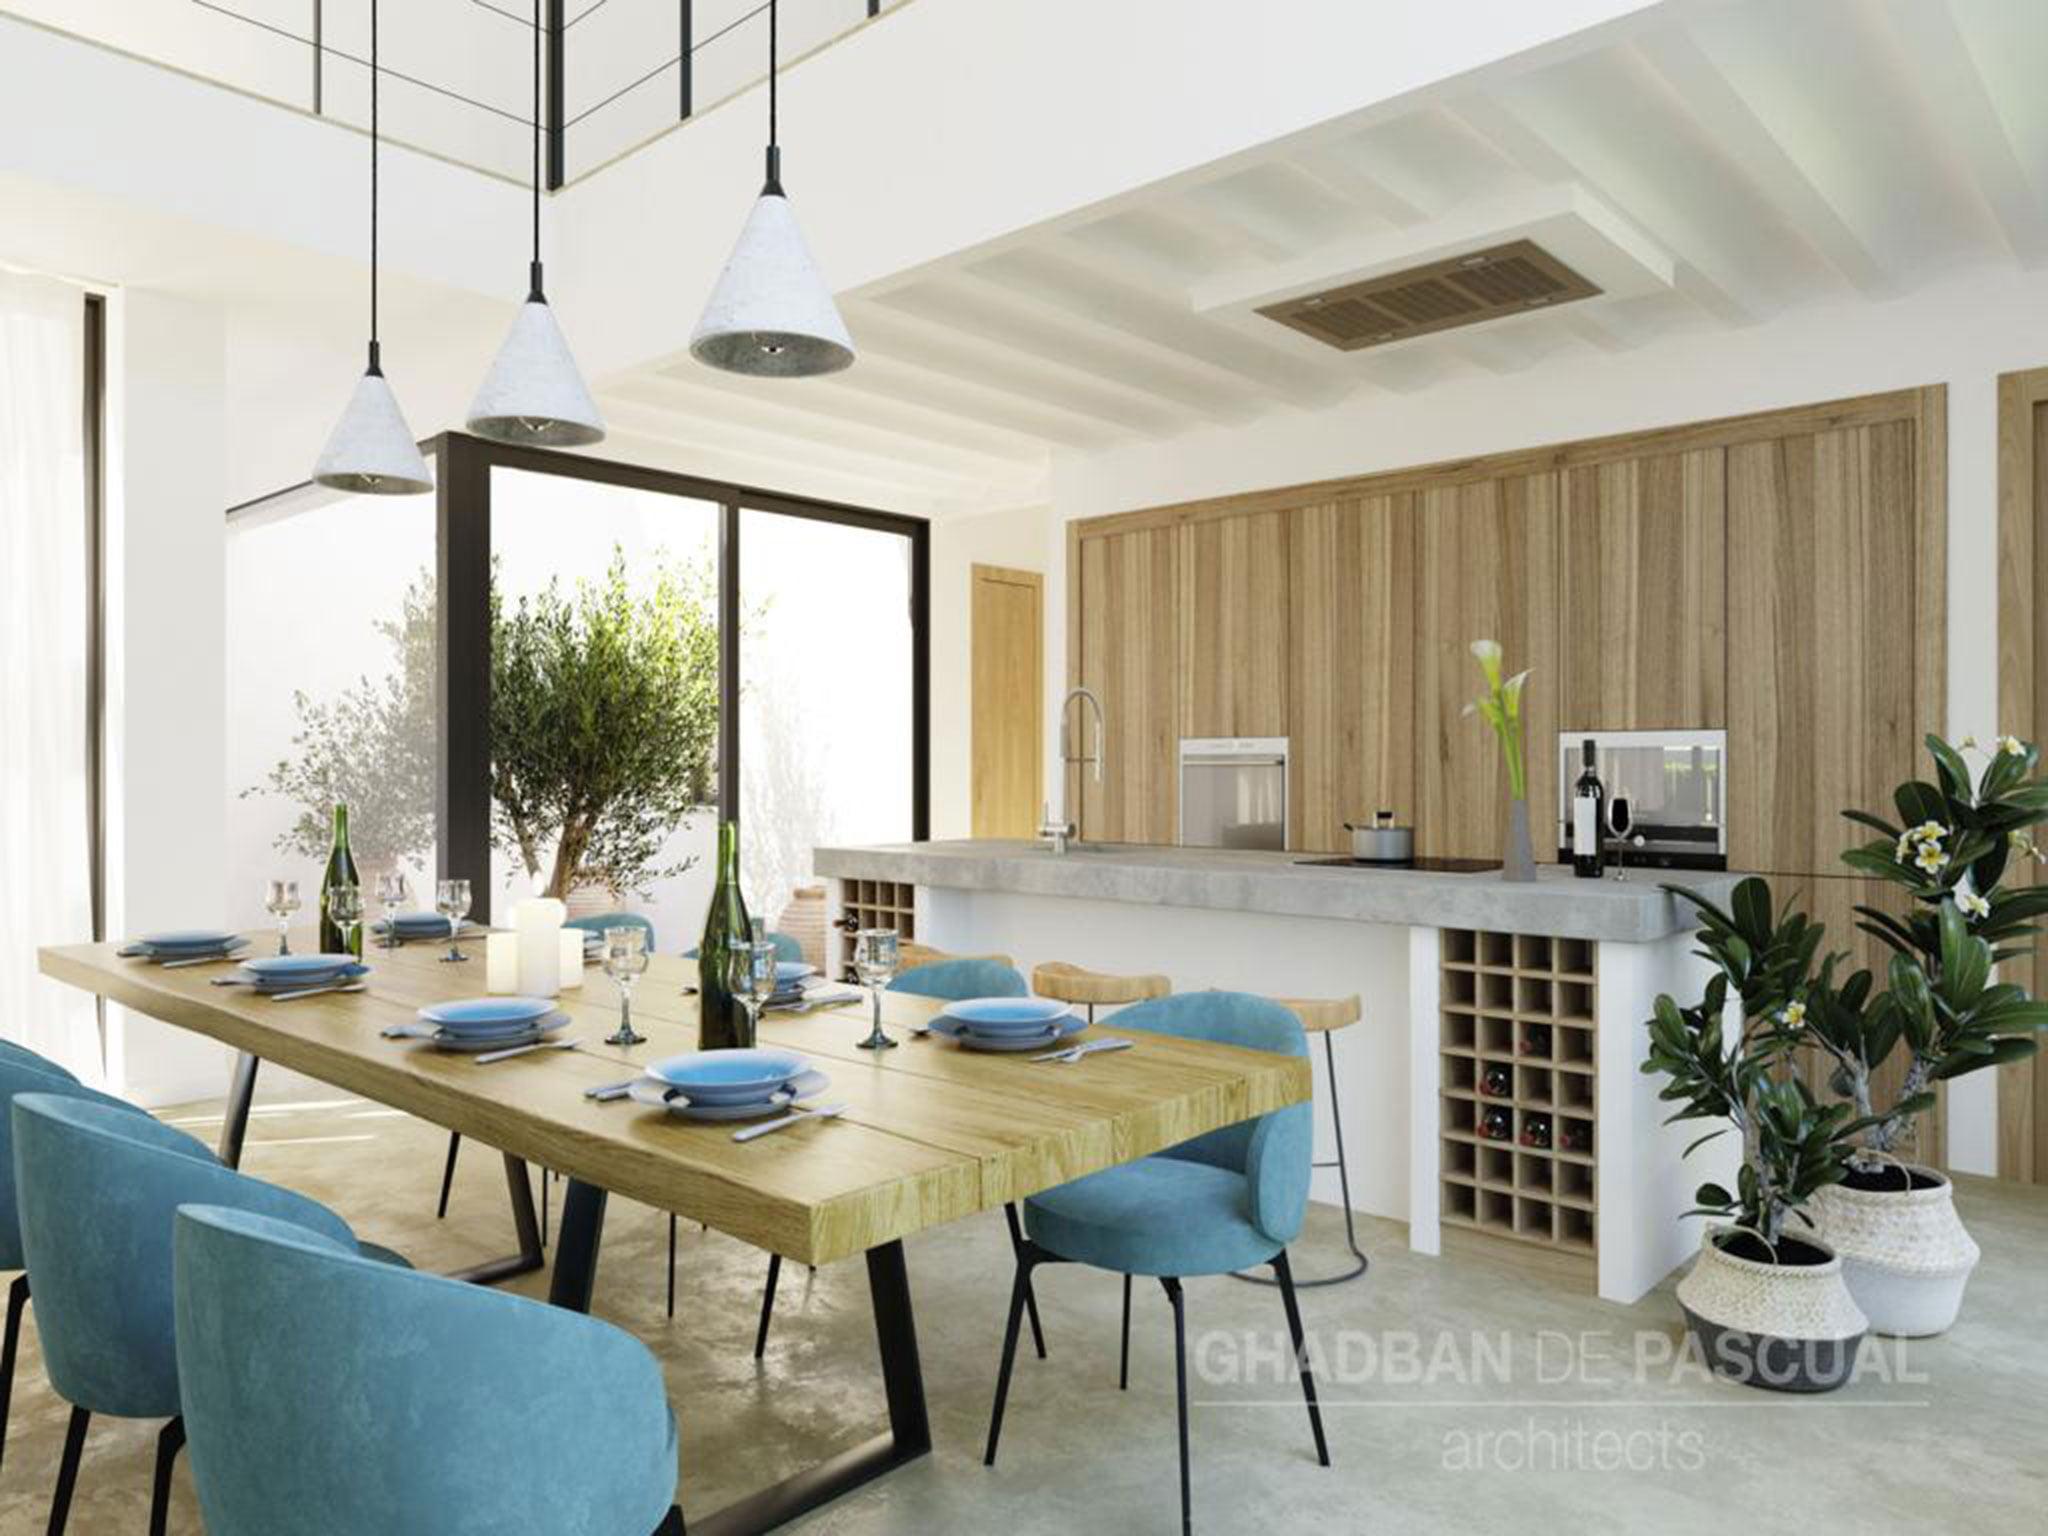 Cocina del proyecto de una villa ibicenca en Jávea – Atina Inmobiliaria